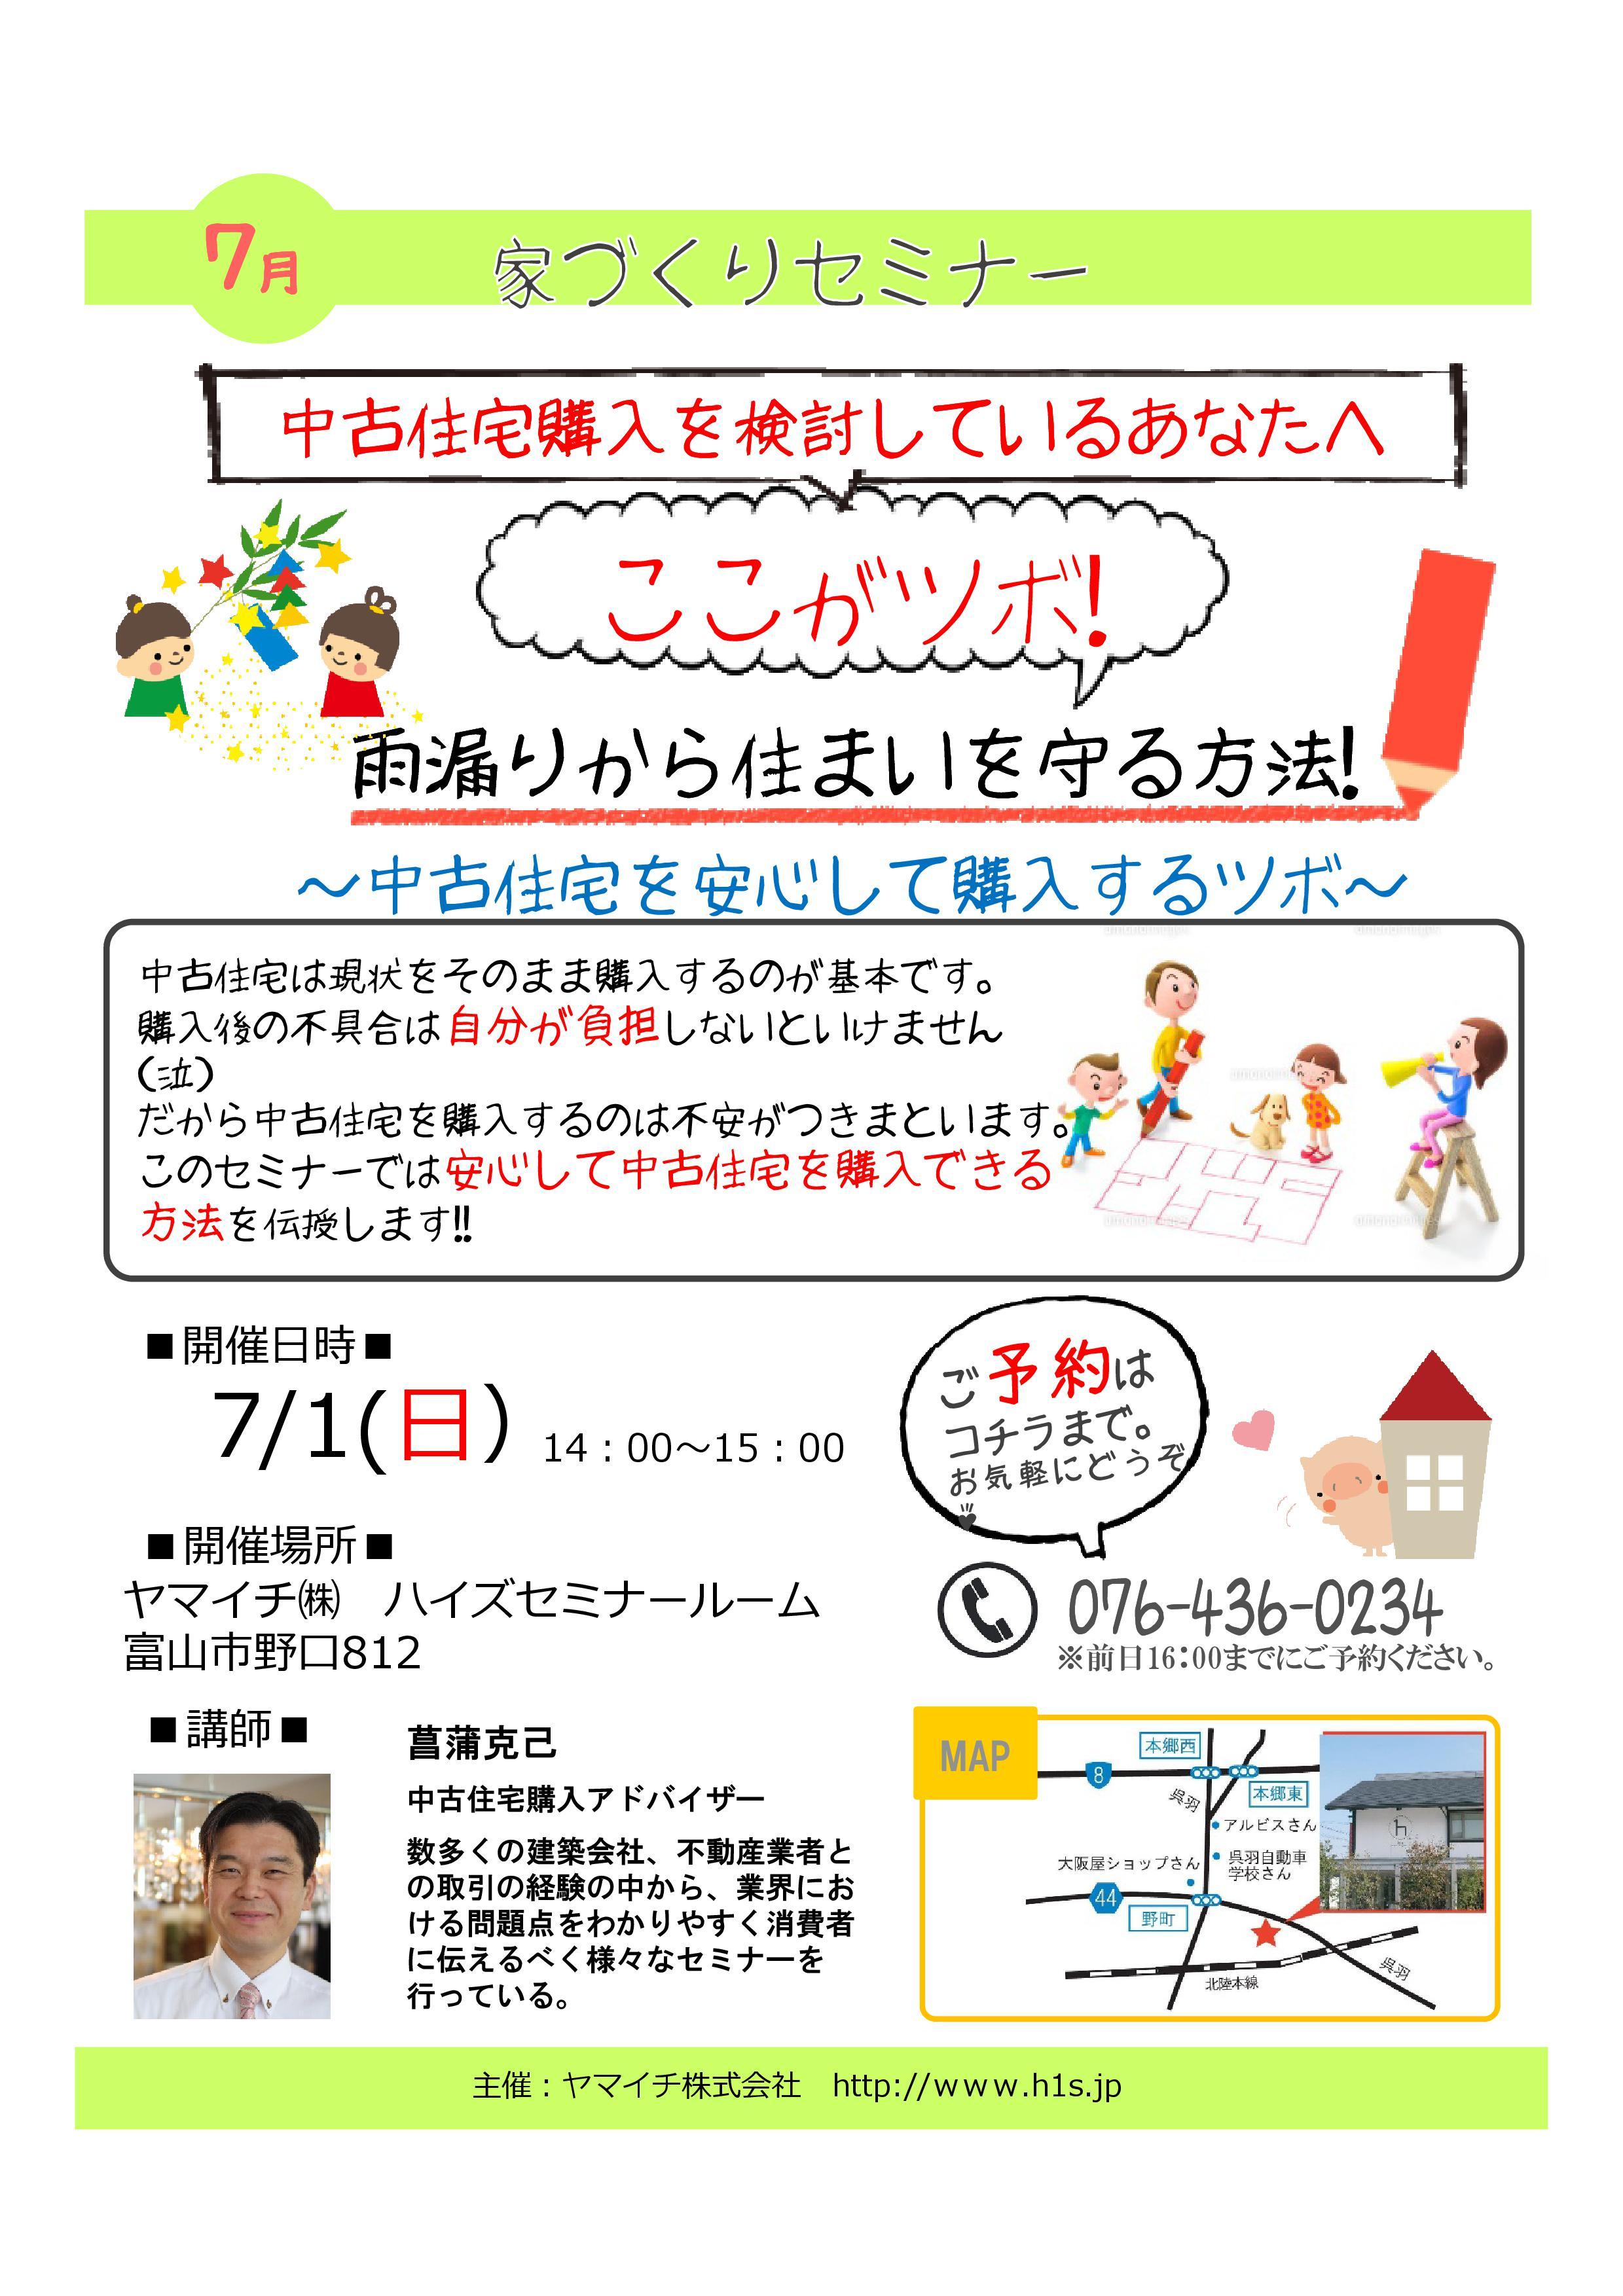 【セミナー】7/1(日)「雨漏りから住まいを守る方法!」